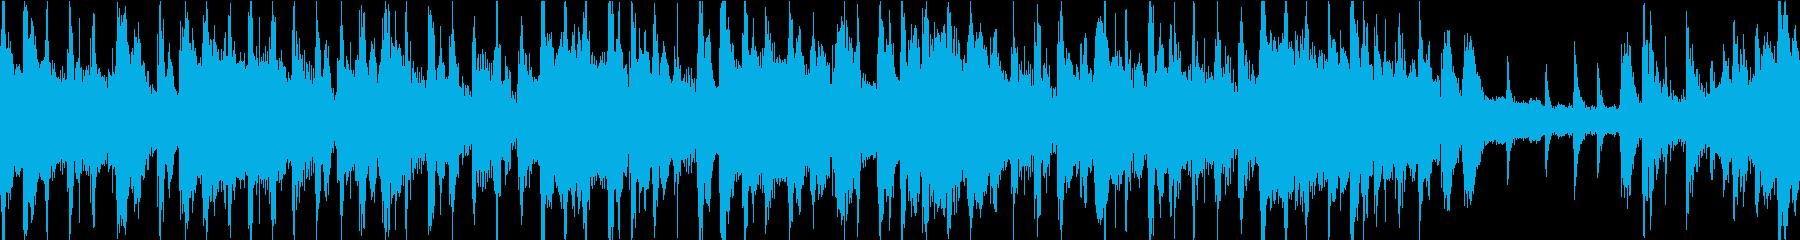 ジャジーでお洒落なBGM ループ仕様の再生済みの波形